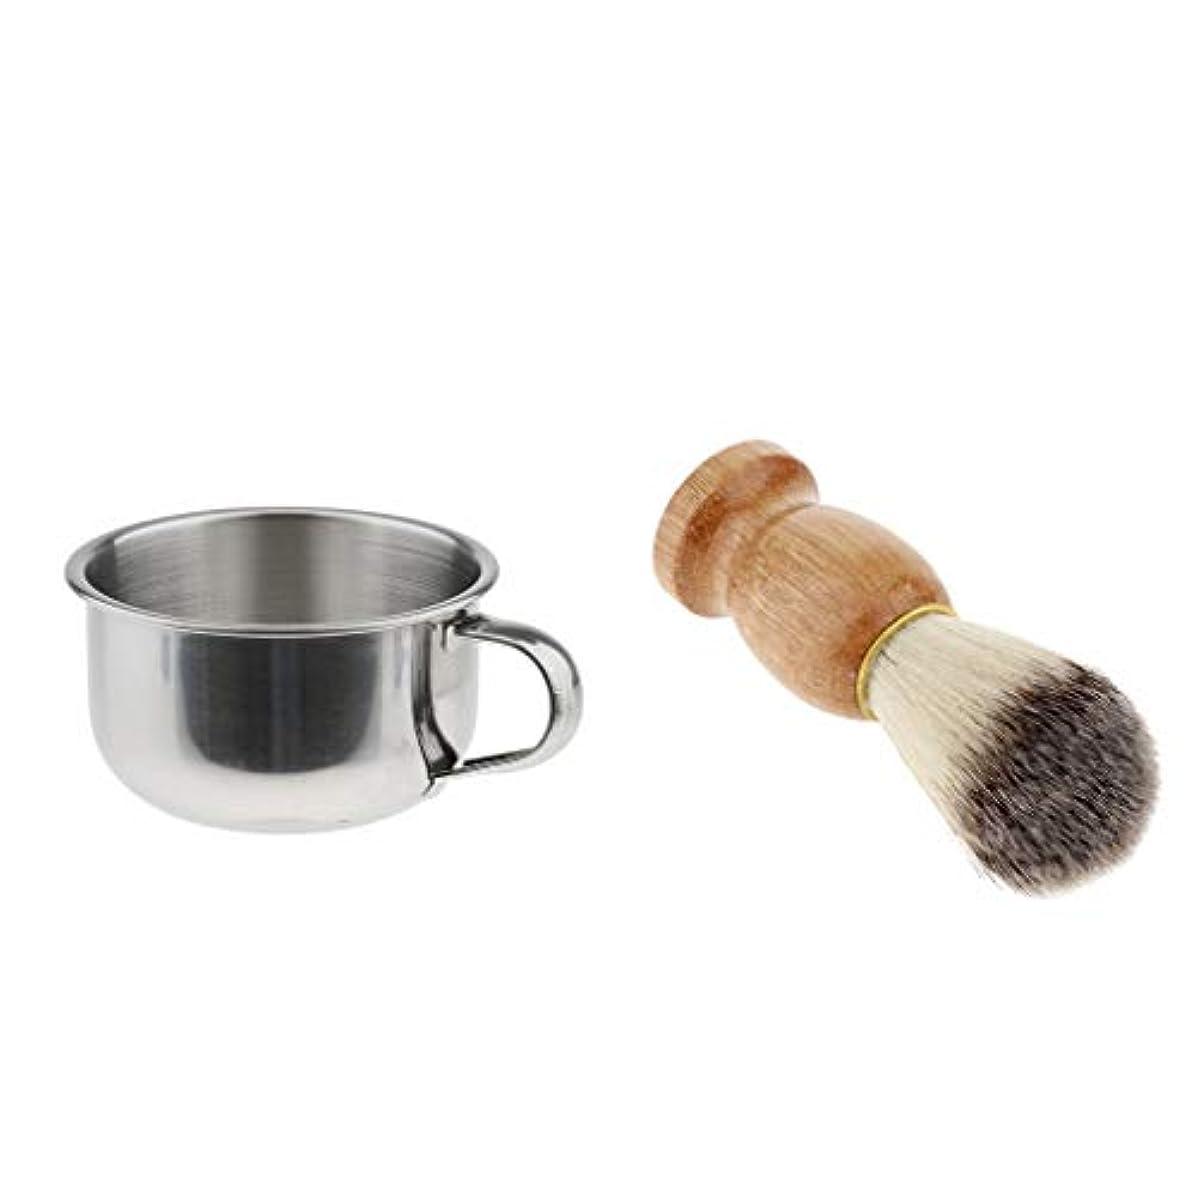 ワットアクセント更新するシェービングブラシ 理容 洗顔 髭剃り メンズ 石鹸ボウル シェービングマグ 髭剃り